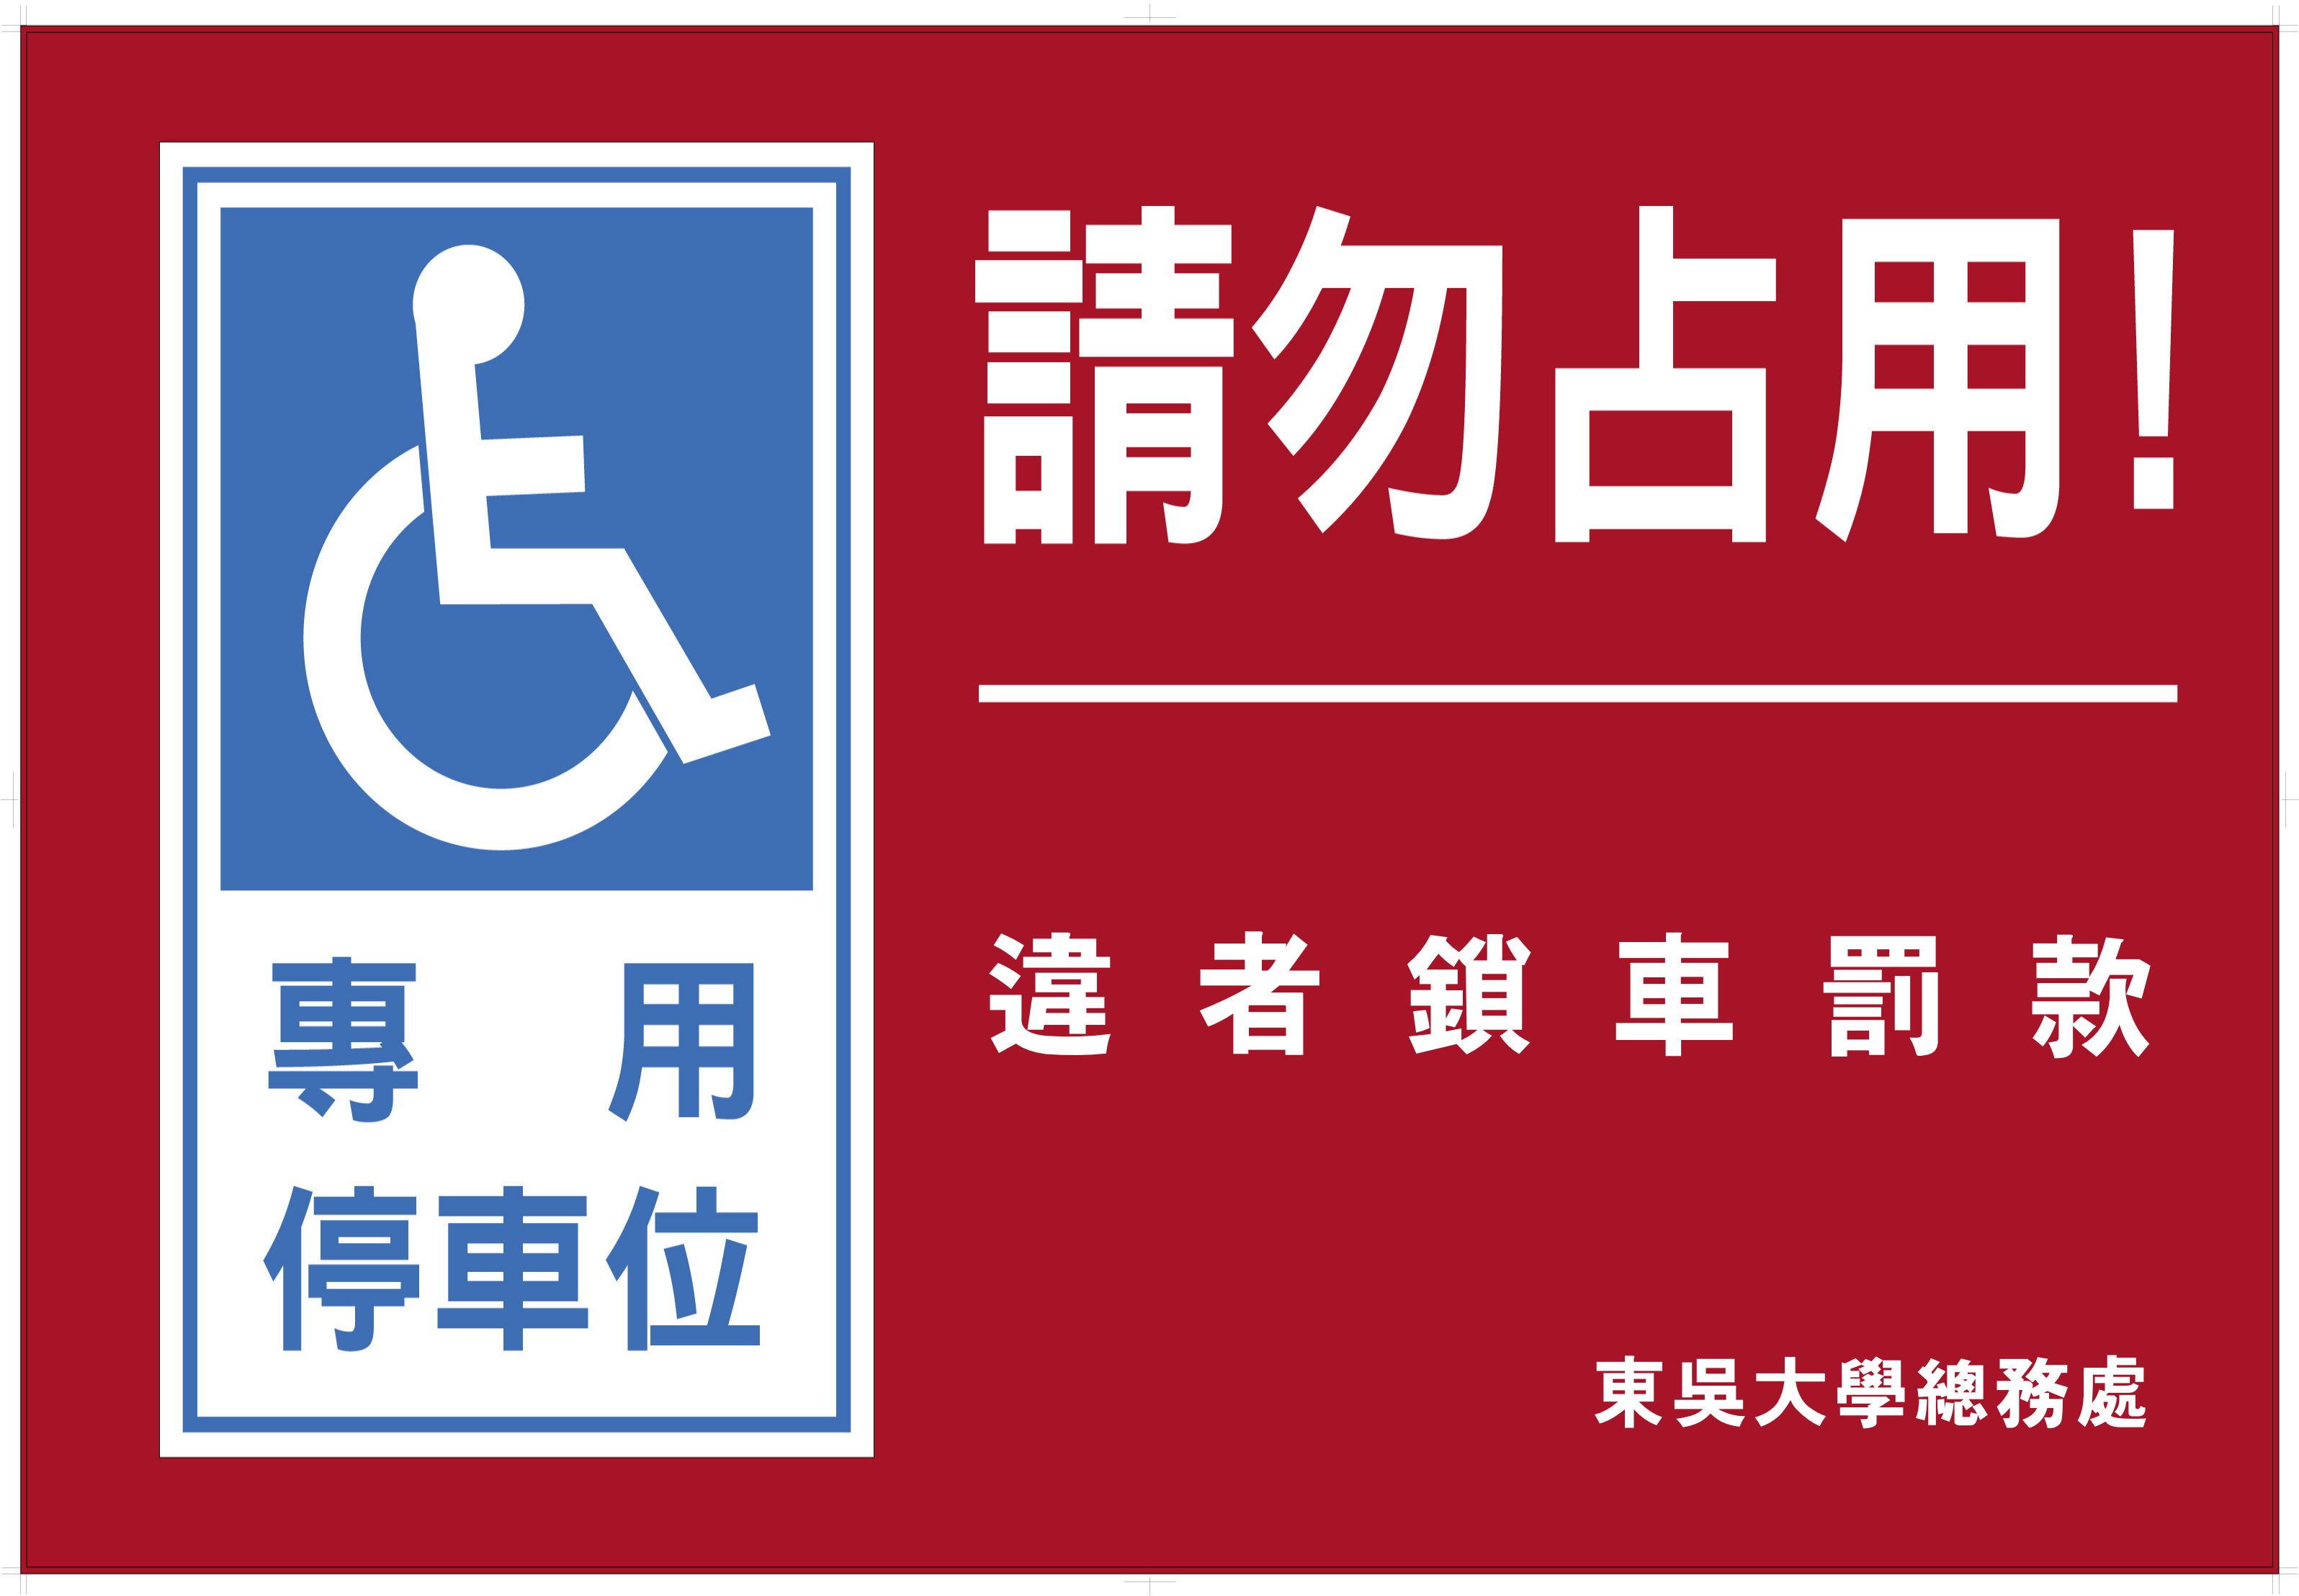 請勿佔用身障車位